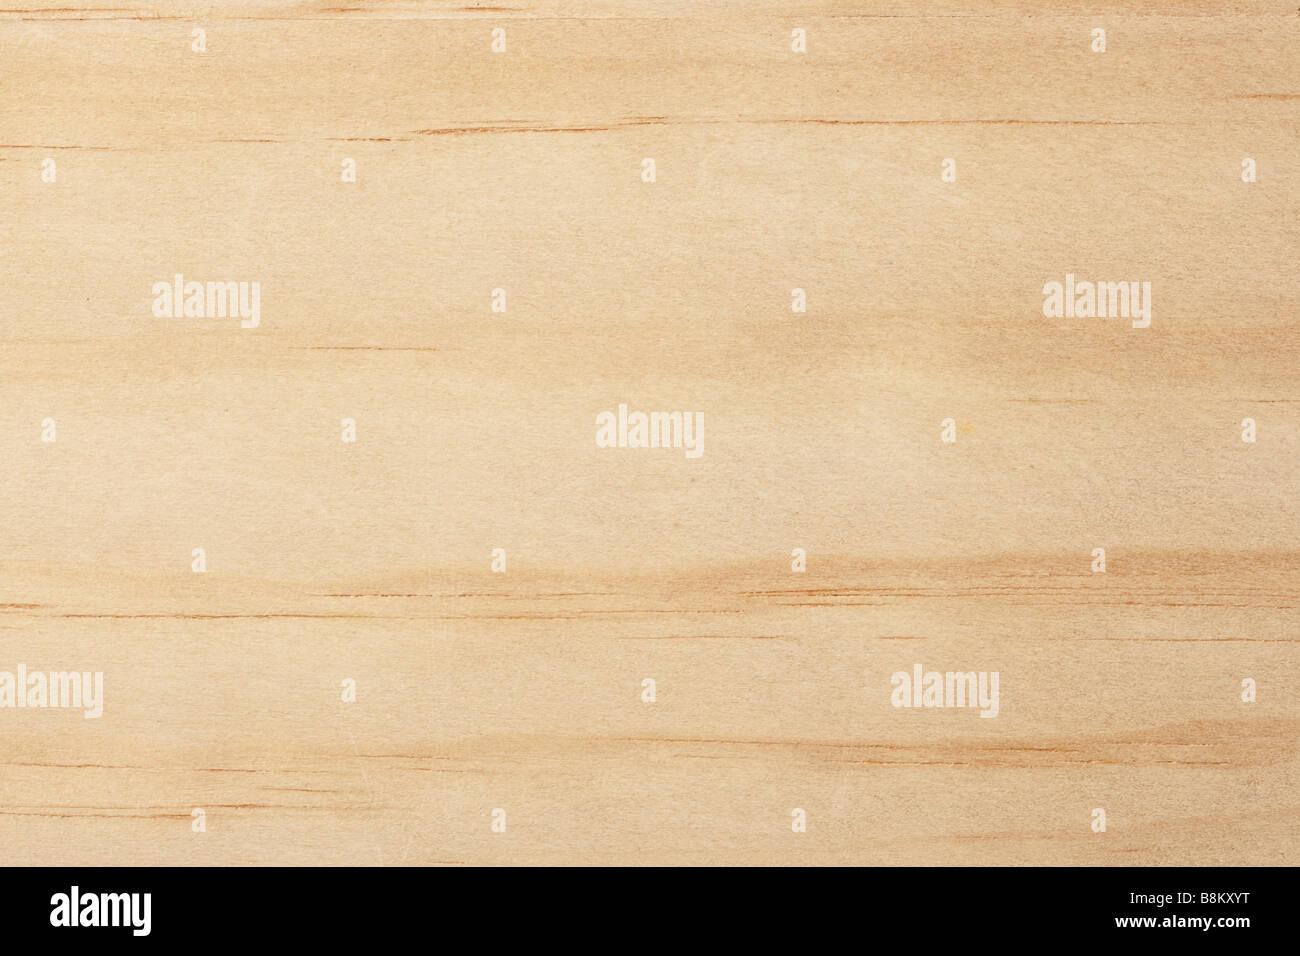 Fondo de grano de madera de acabado natural Imagen De Stock